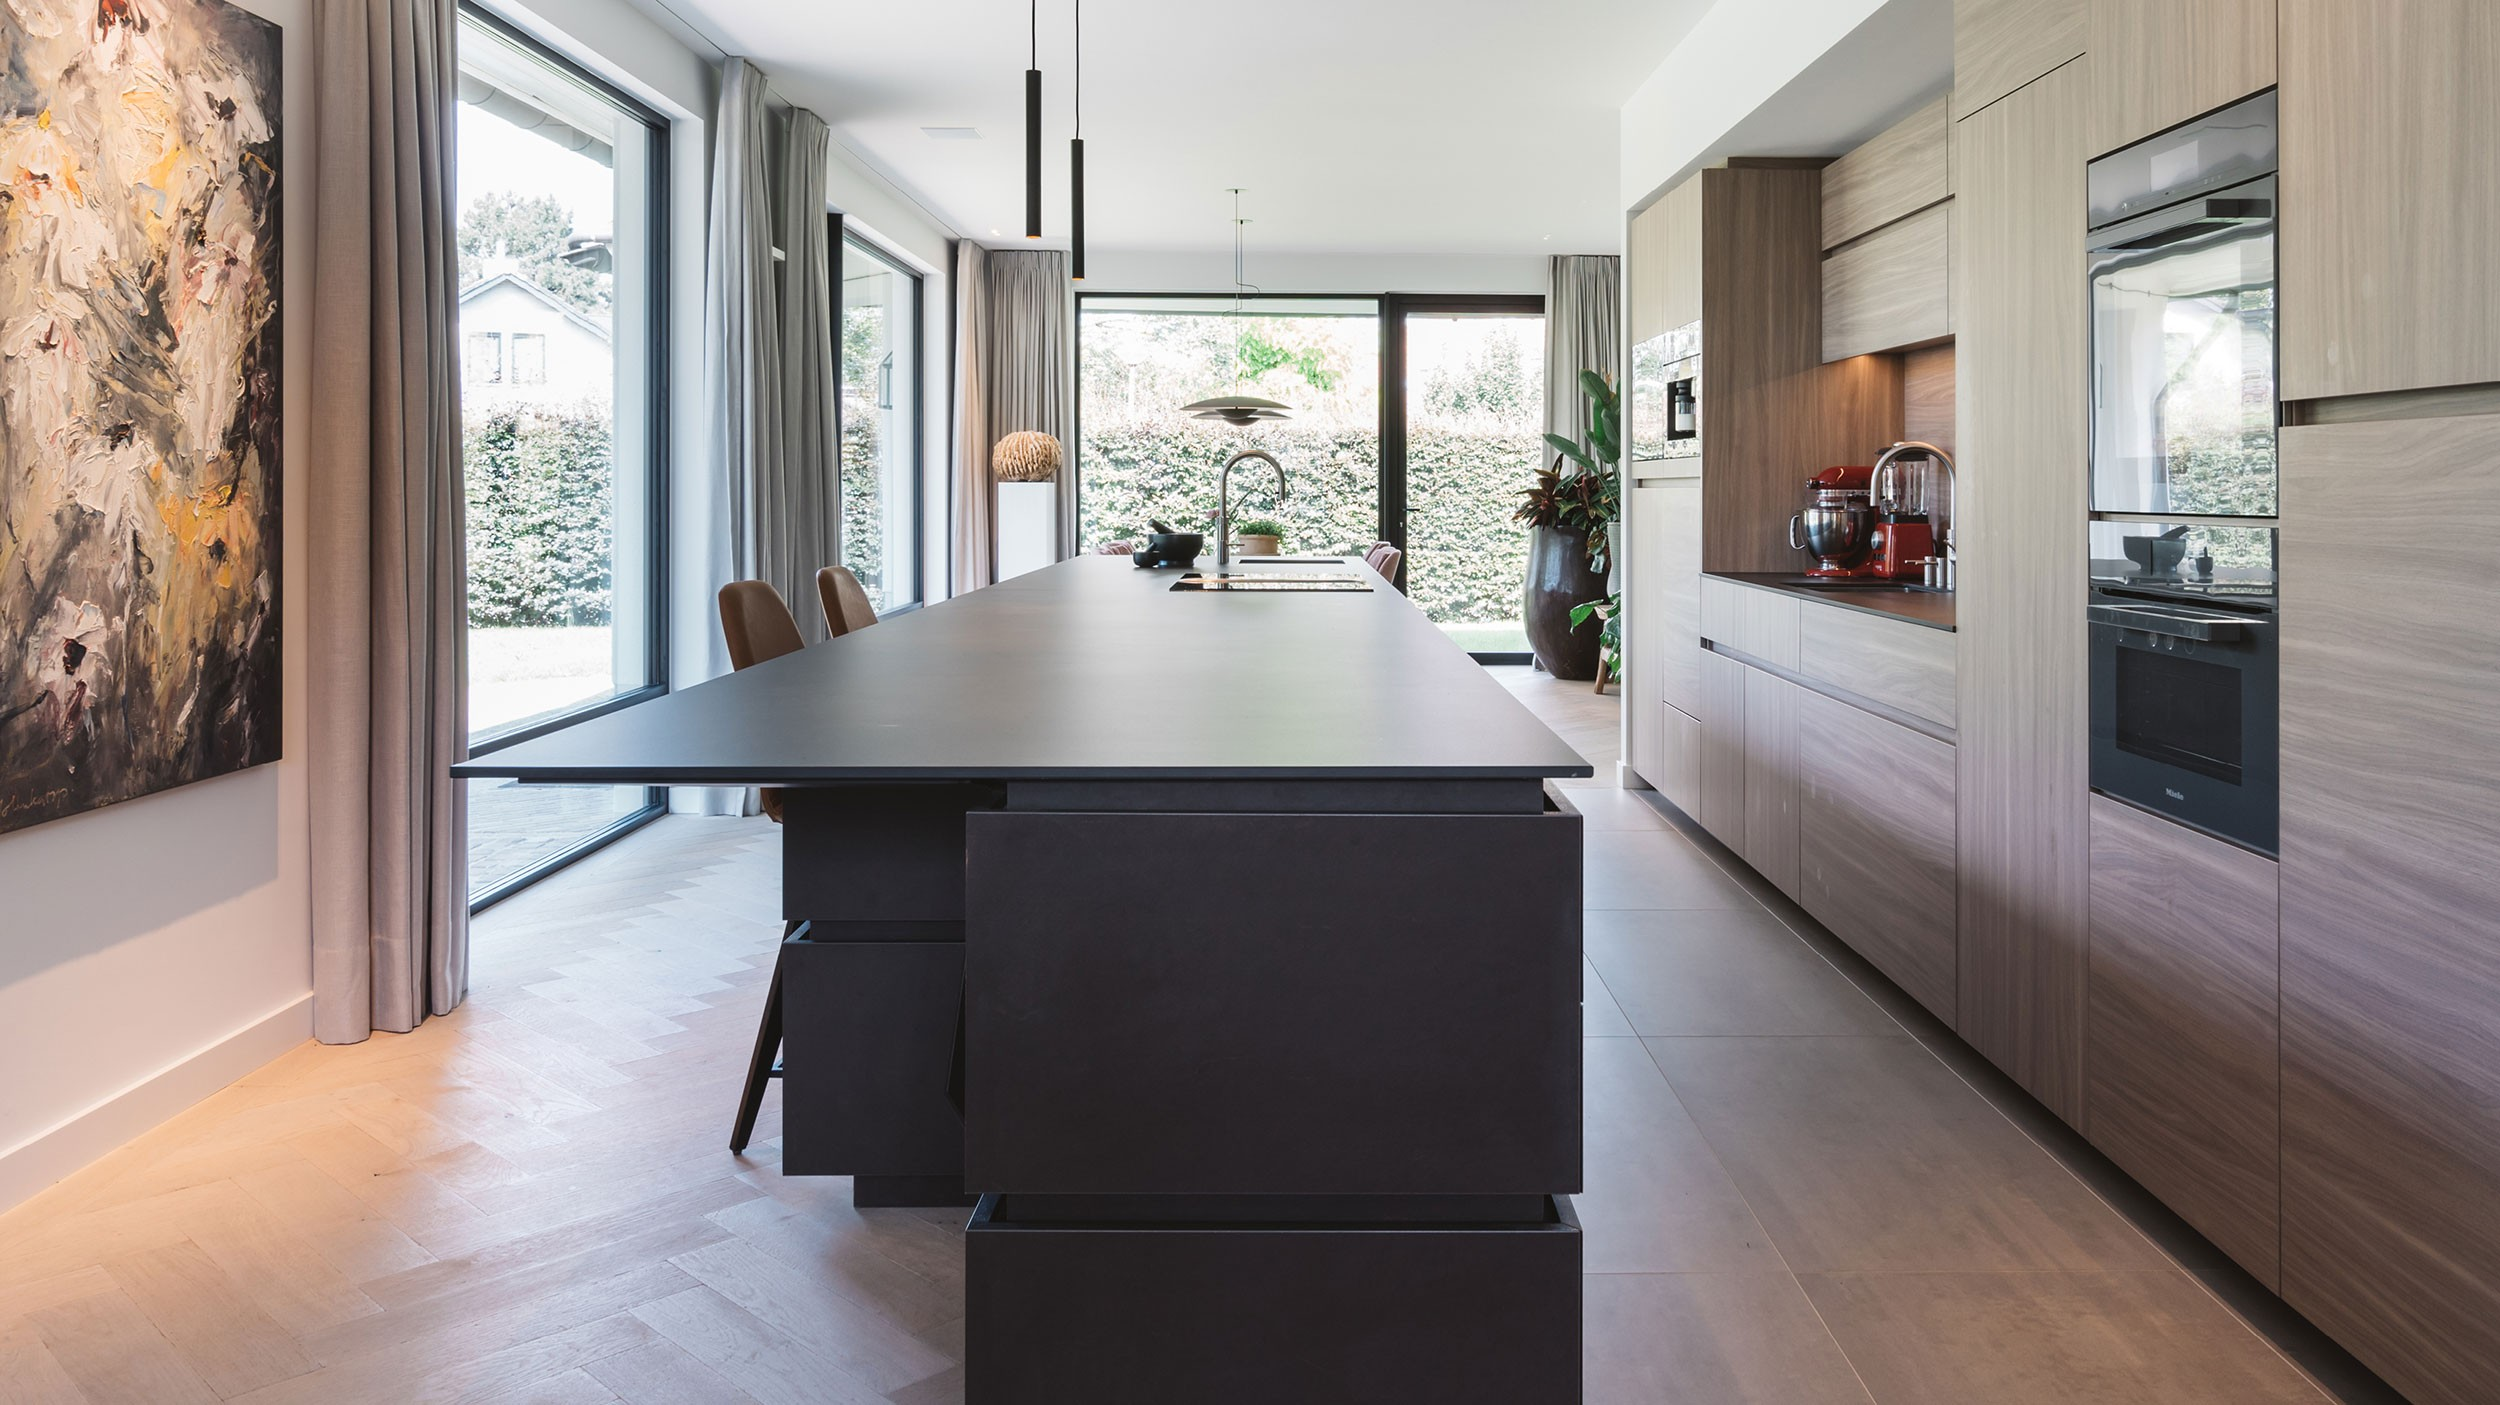 Frako Totaalproject Interieur Keuken Kantoor Linkedin